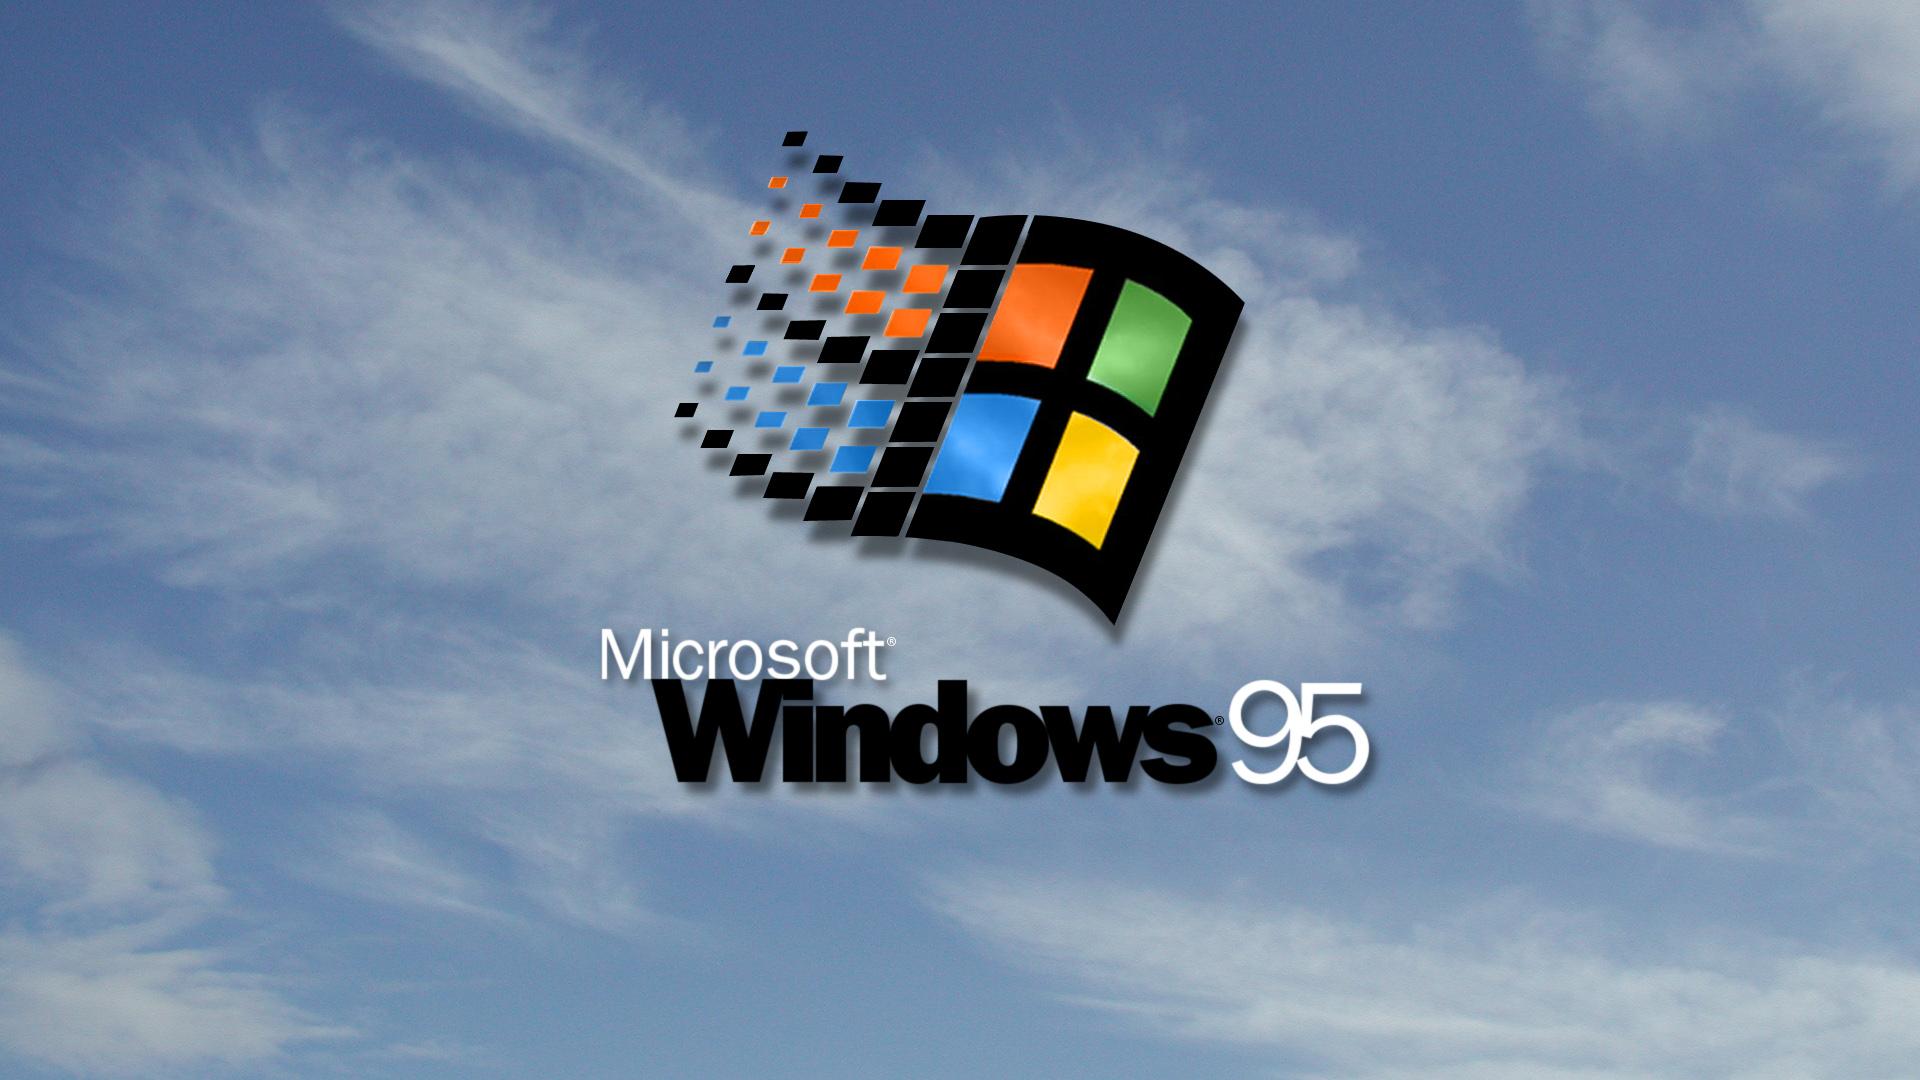 La llegada de Windows 95 supuso la popularización de las computadoras